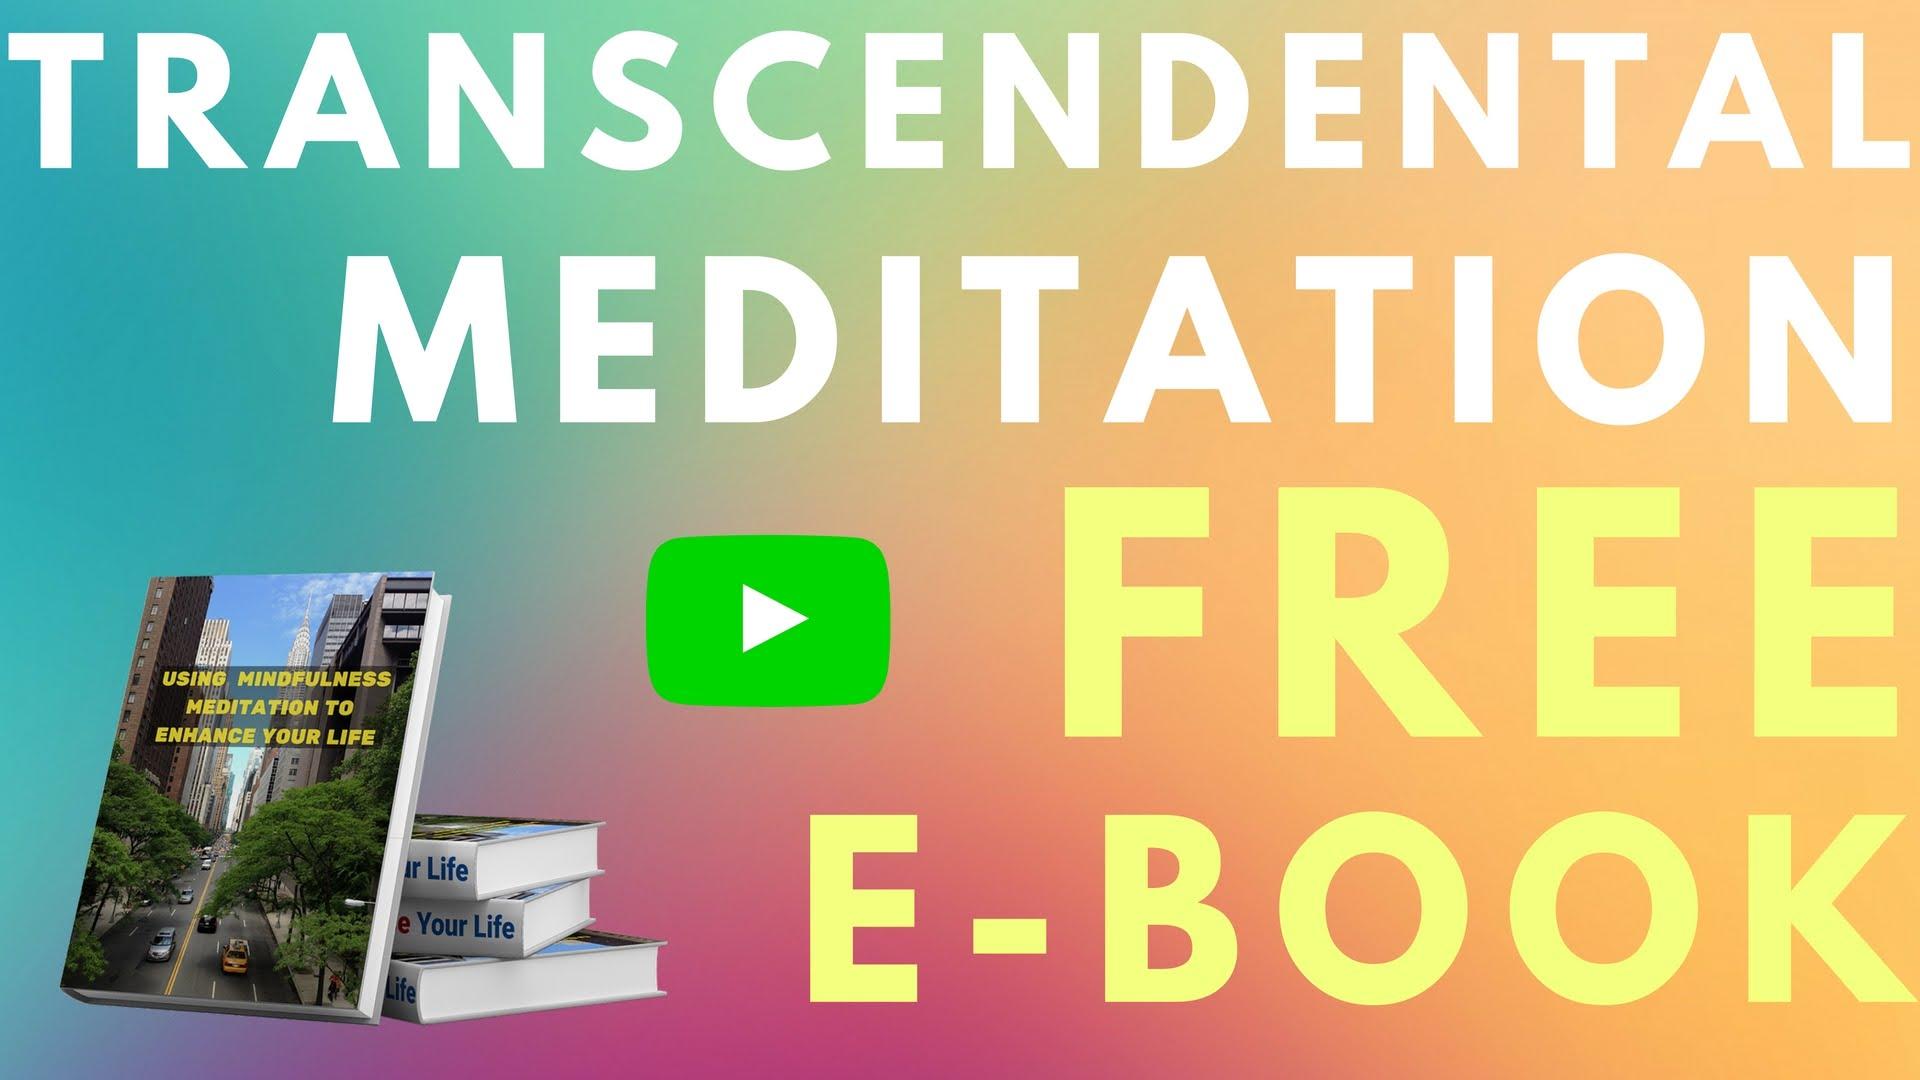 Transcendental Meditation Instructions 2016 Transcendental